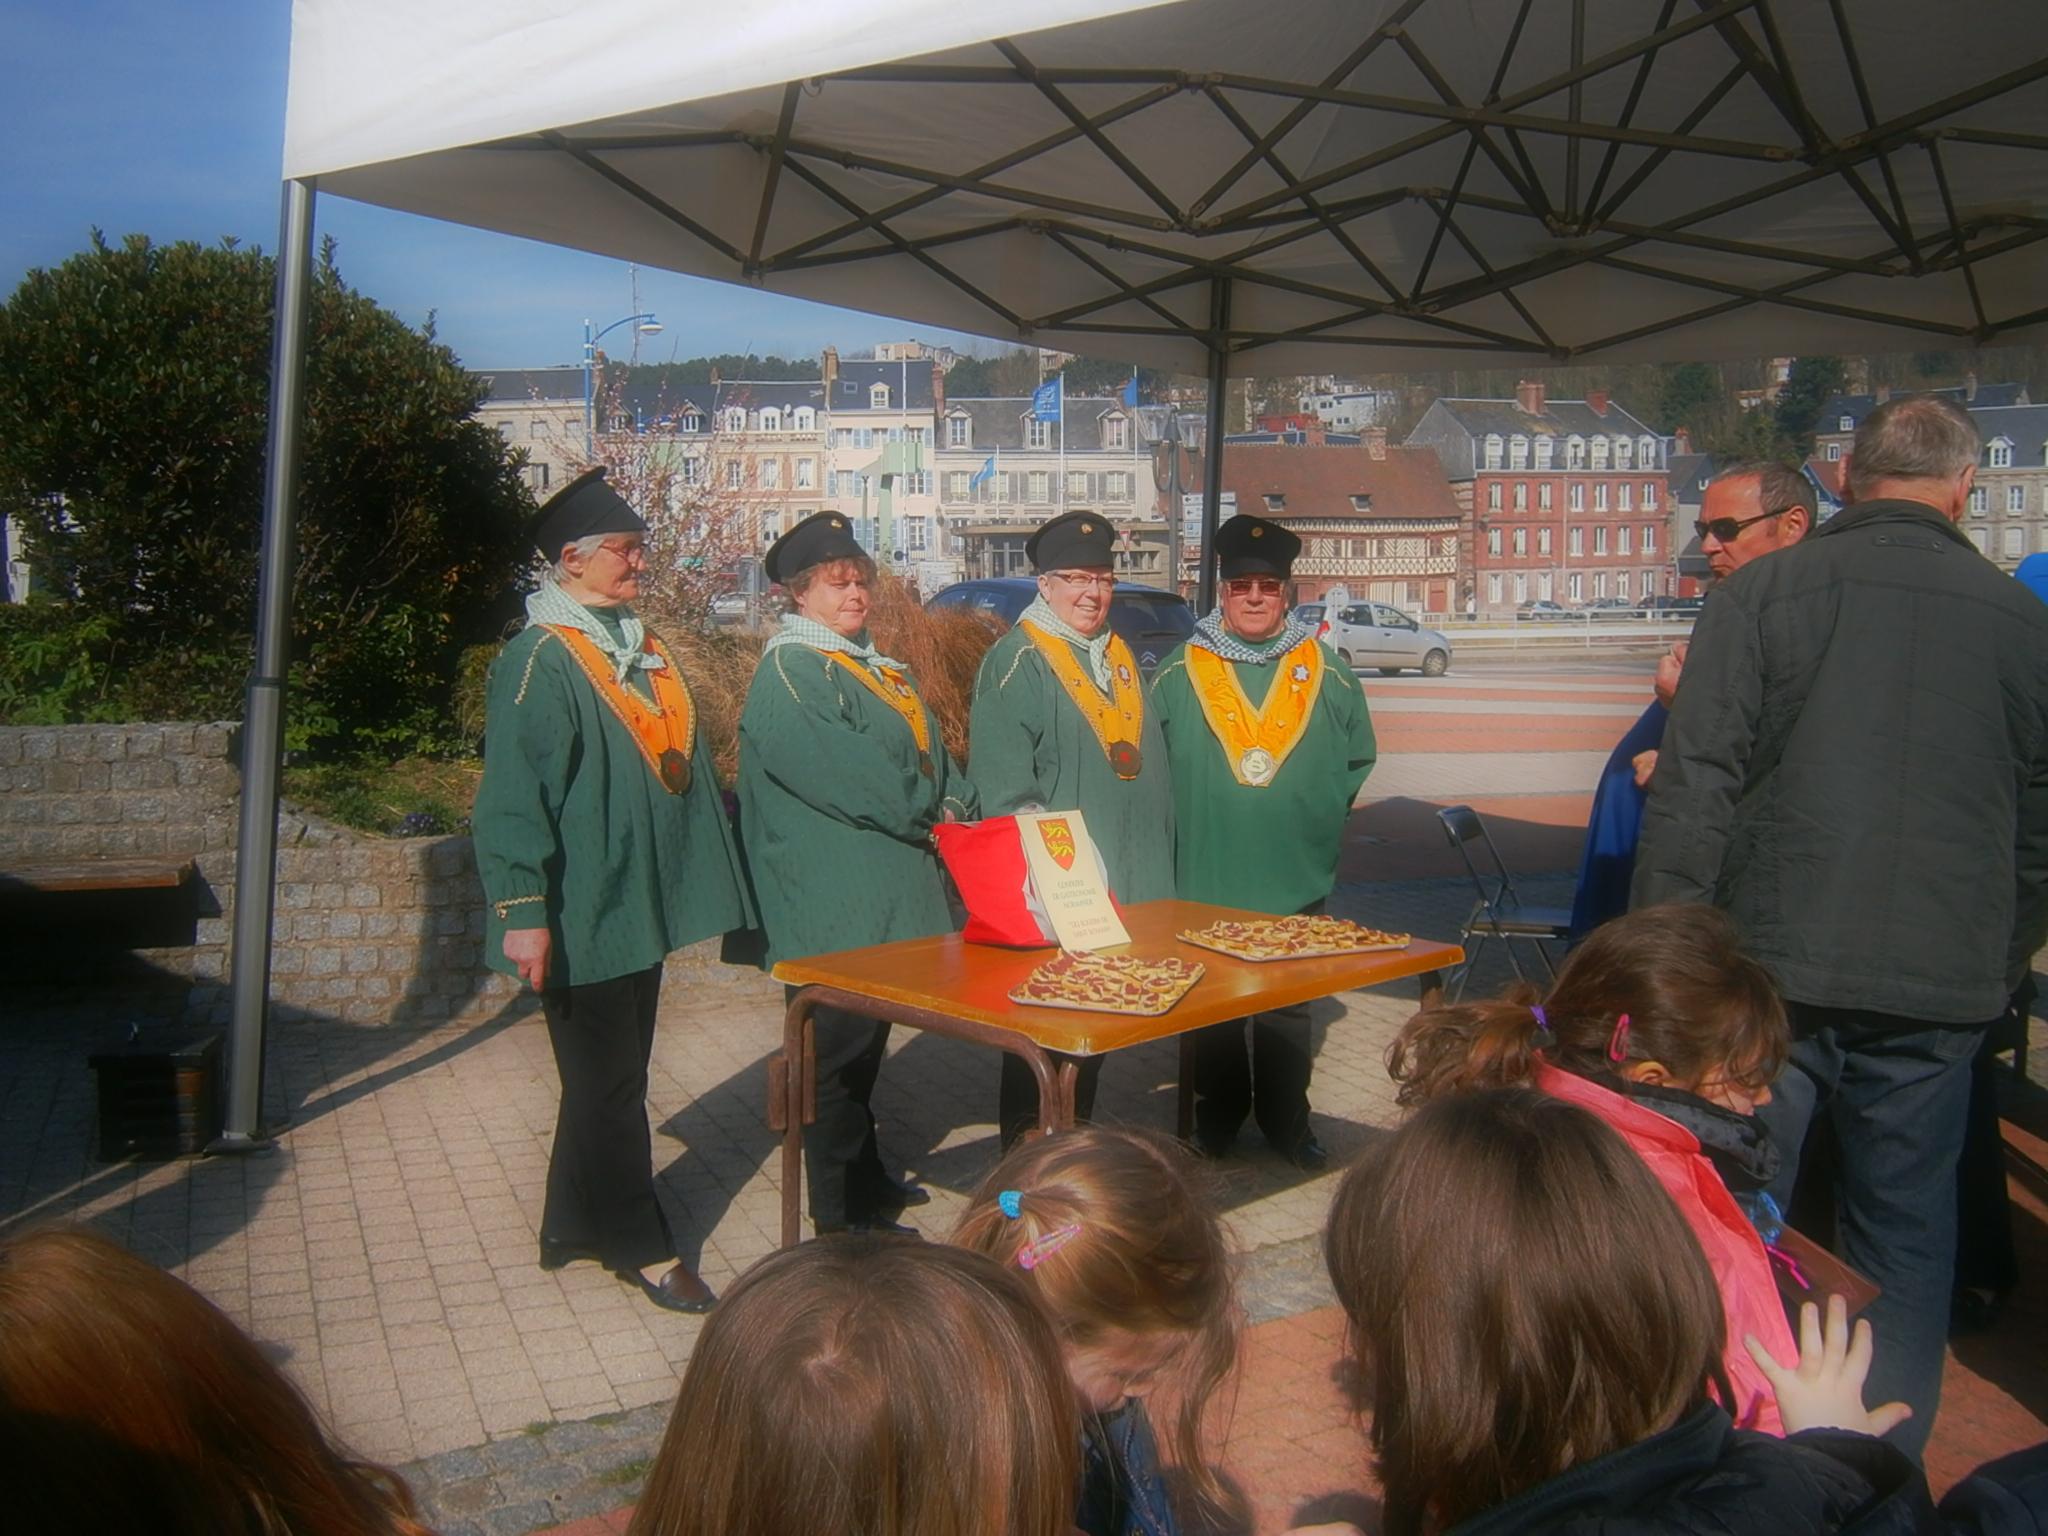 Concours Agricole de St Valery-en-Caux